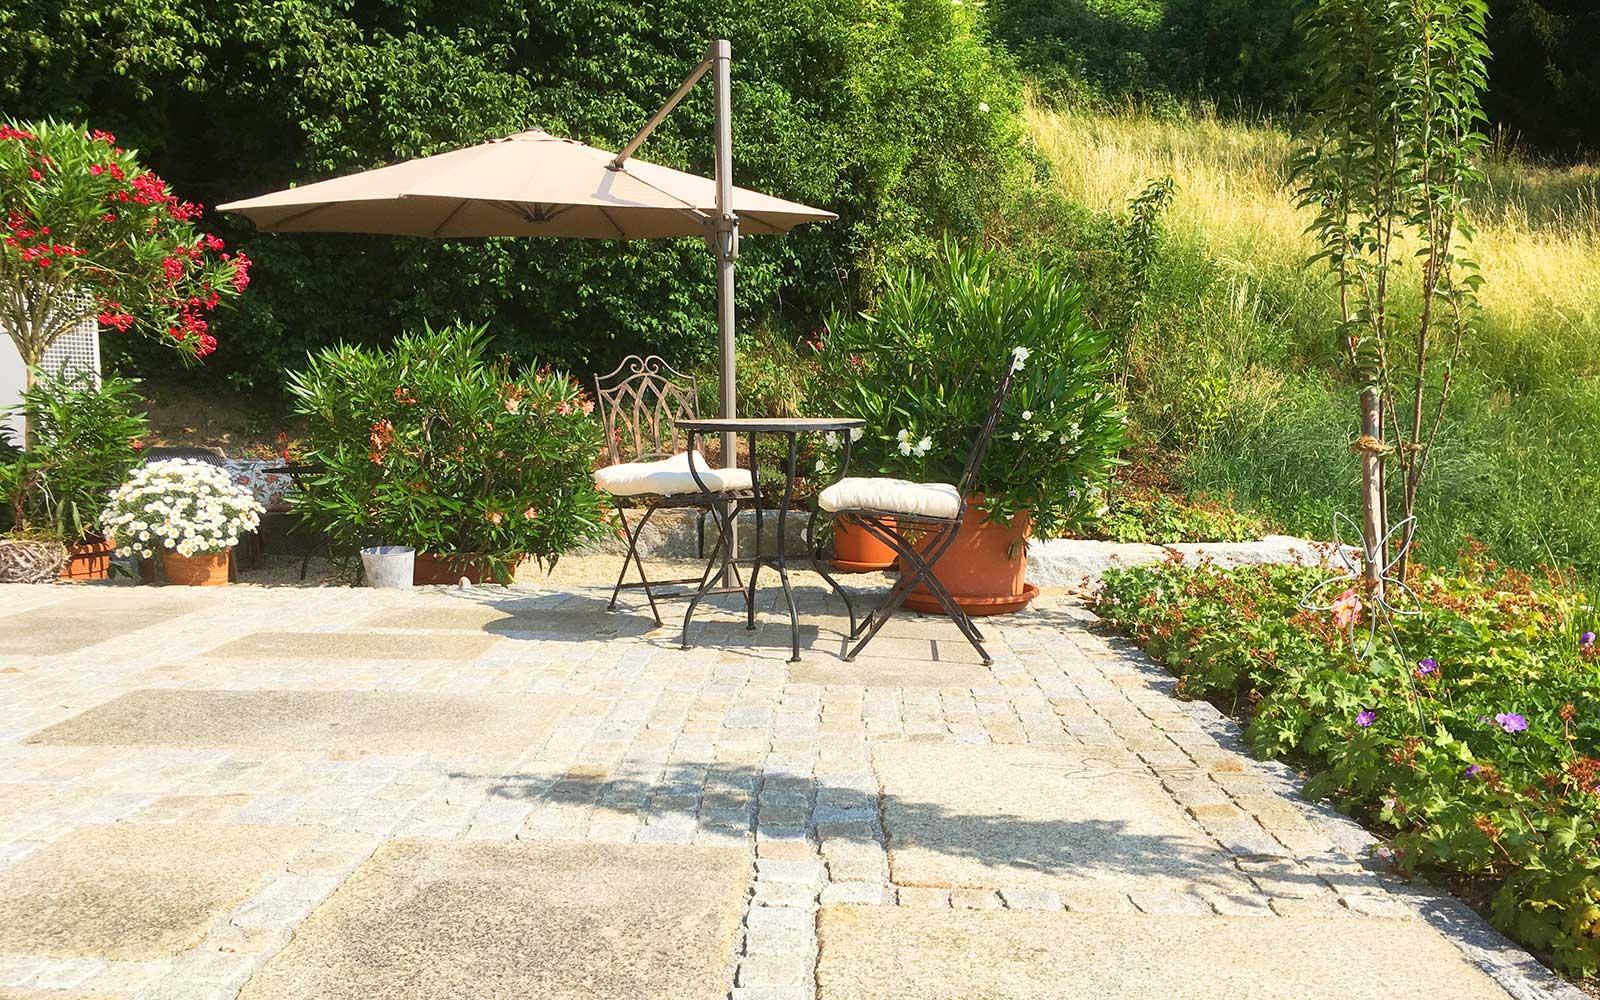 Gepflasterte Terrasse mit Gartenmöbeln und Sonnenschirm